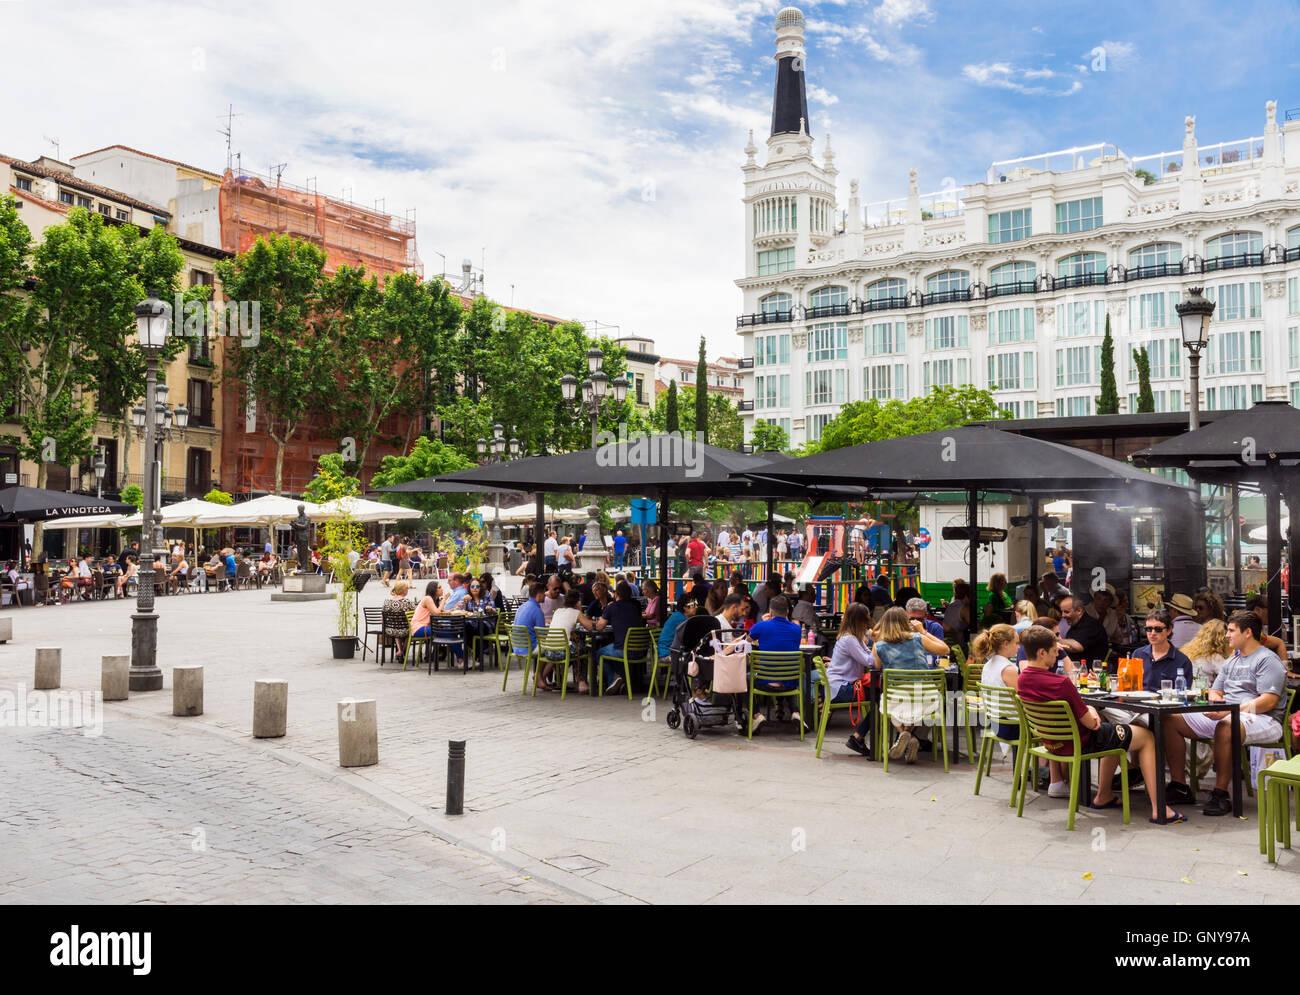 Plaza de Santa Ana übersehen durch das Hotel ME Madrid Reina Victoria im Stadtteil Huertas, Madrid, Spanien Stockbild